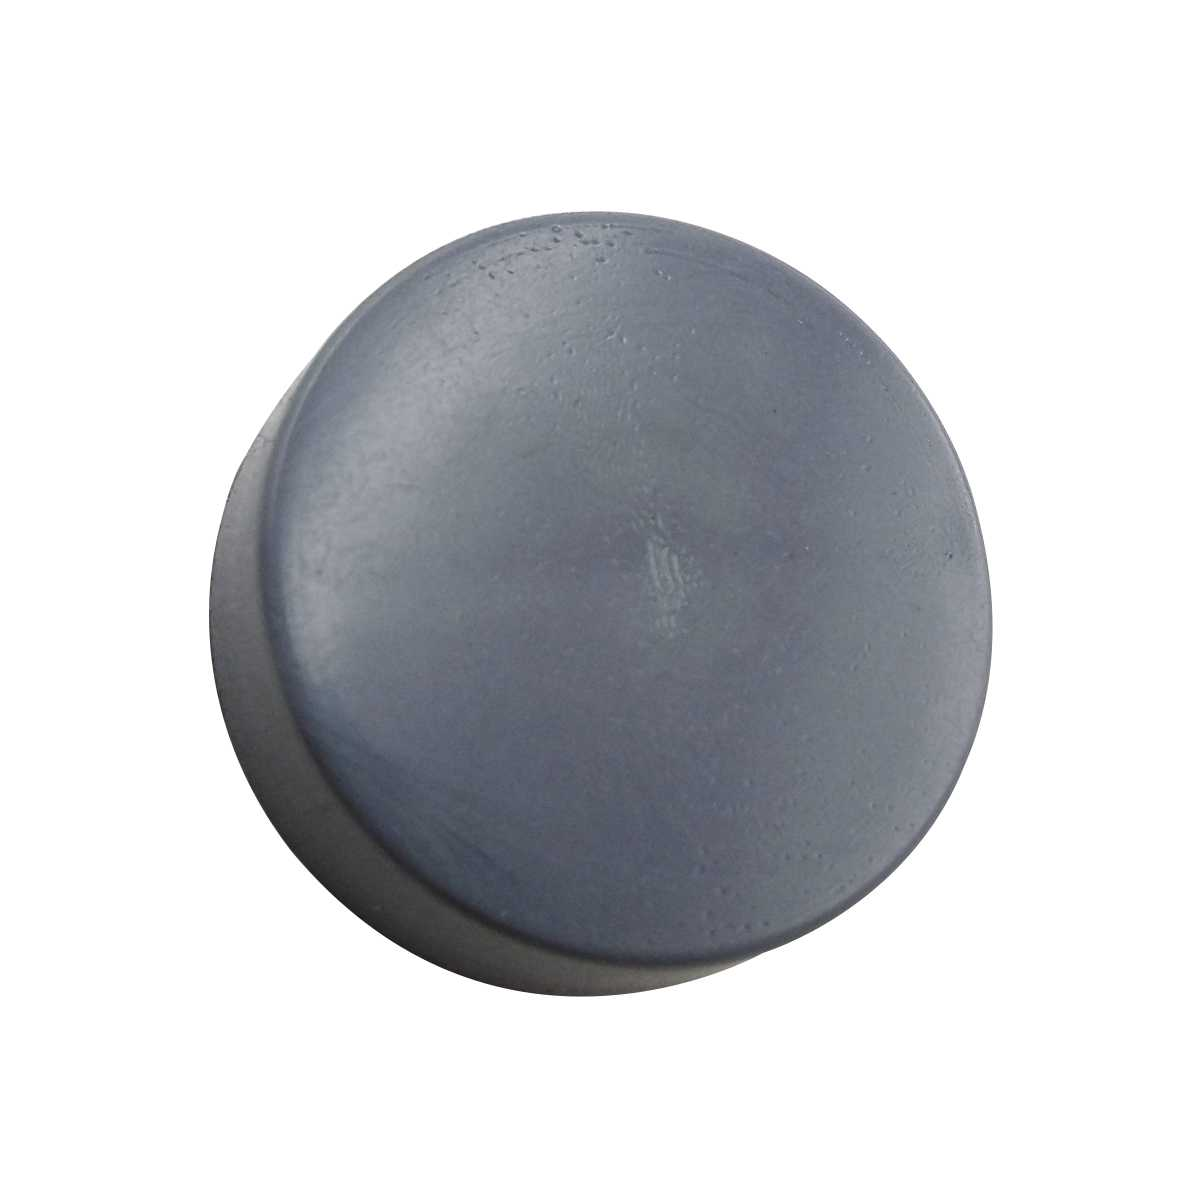 Botão interno degelo termostato compatível Geladeira Consul